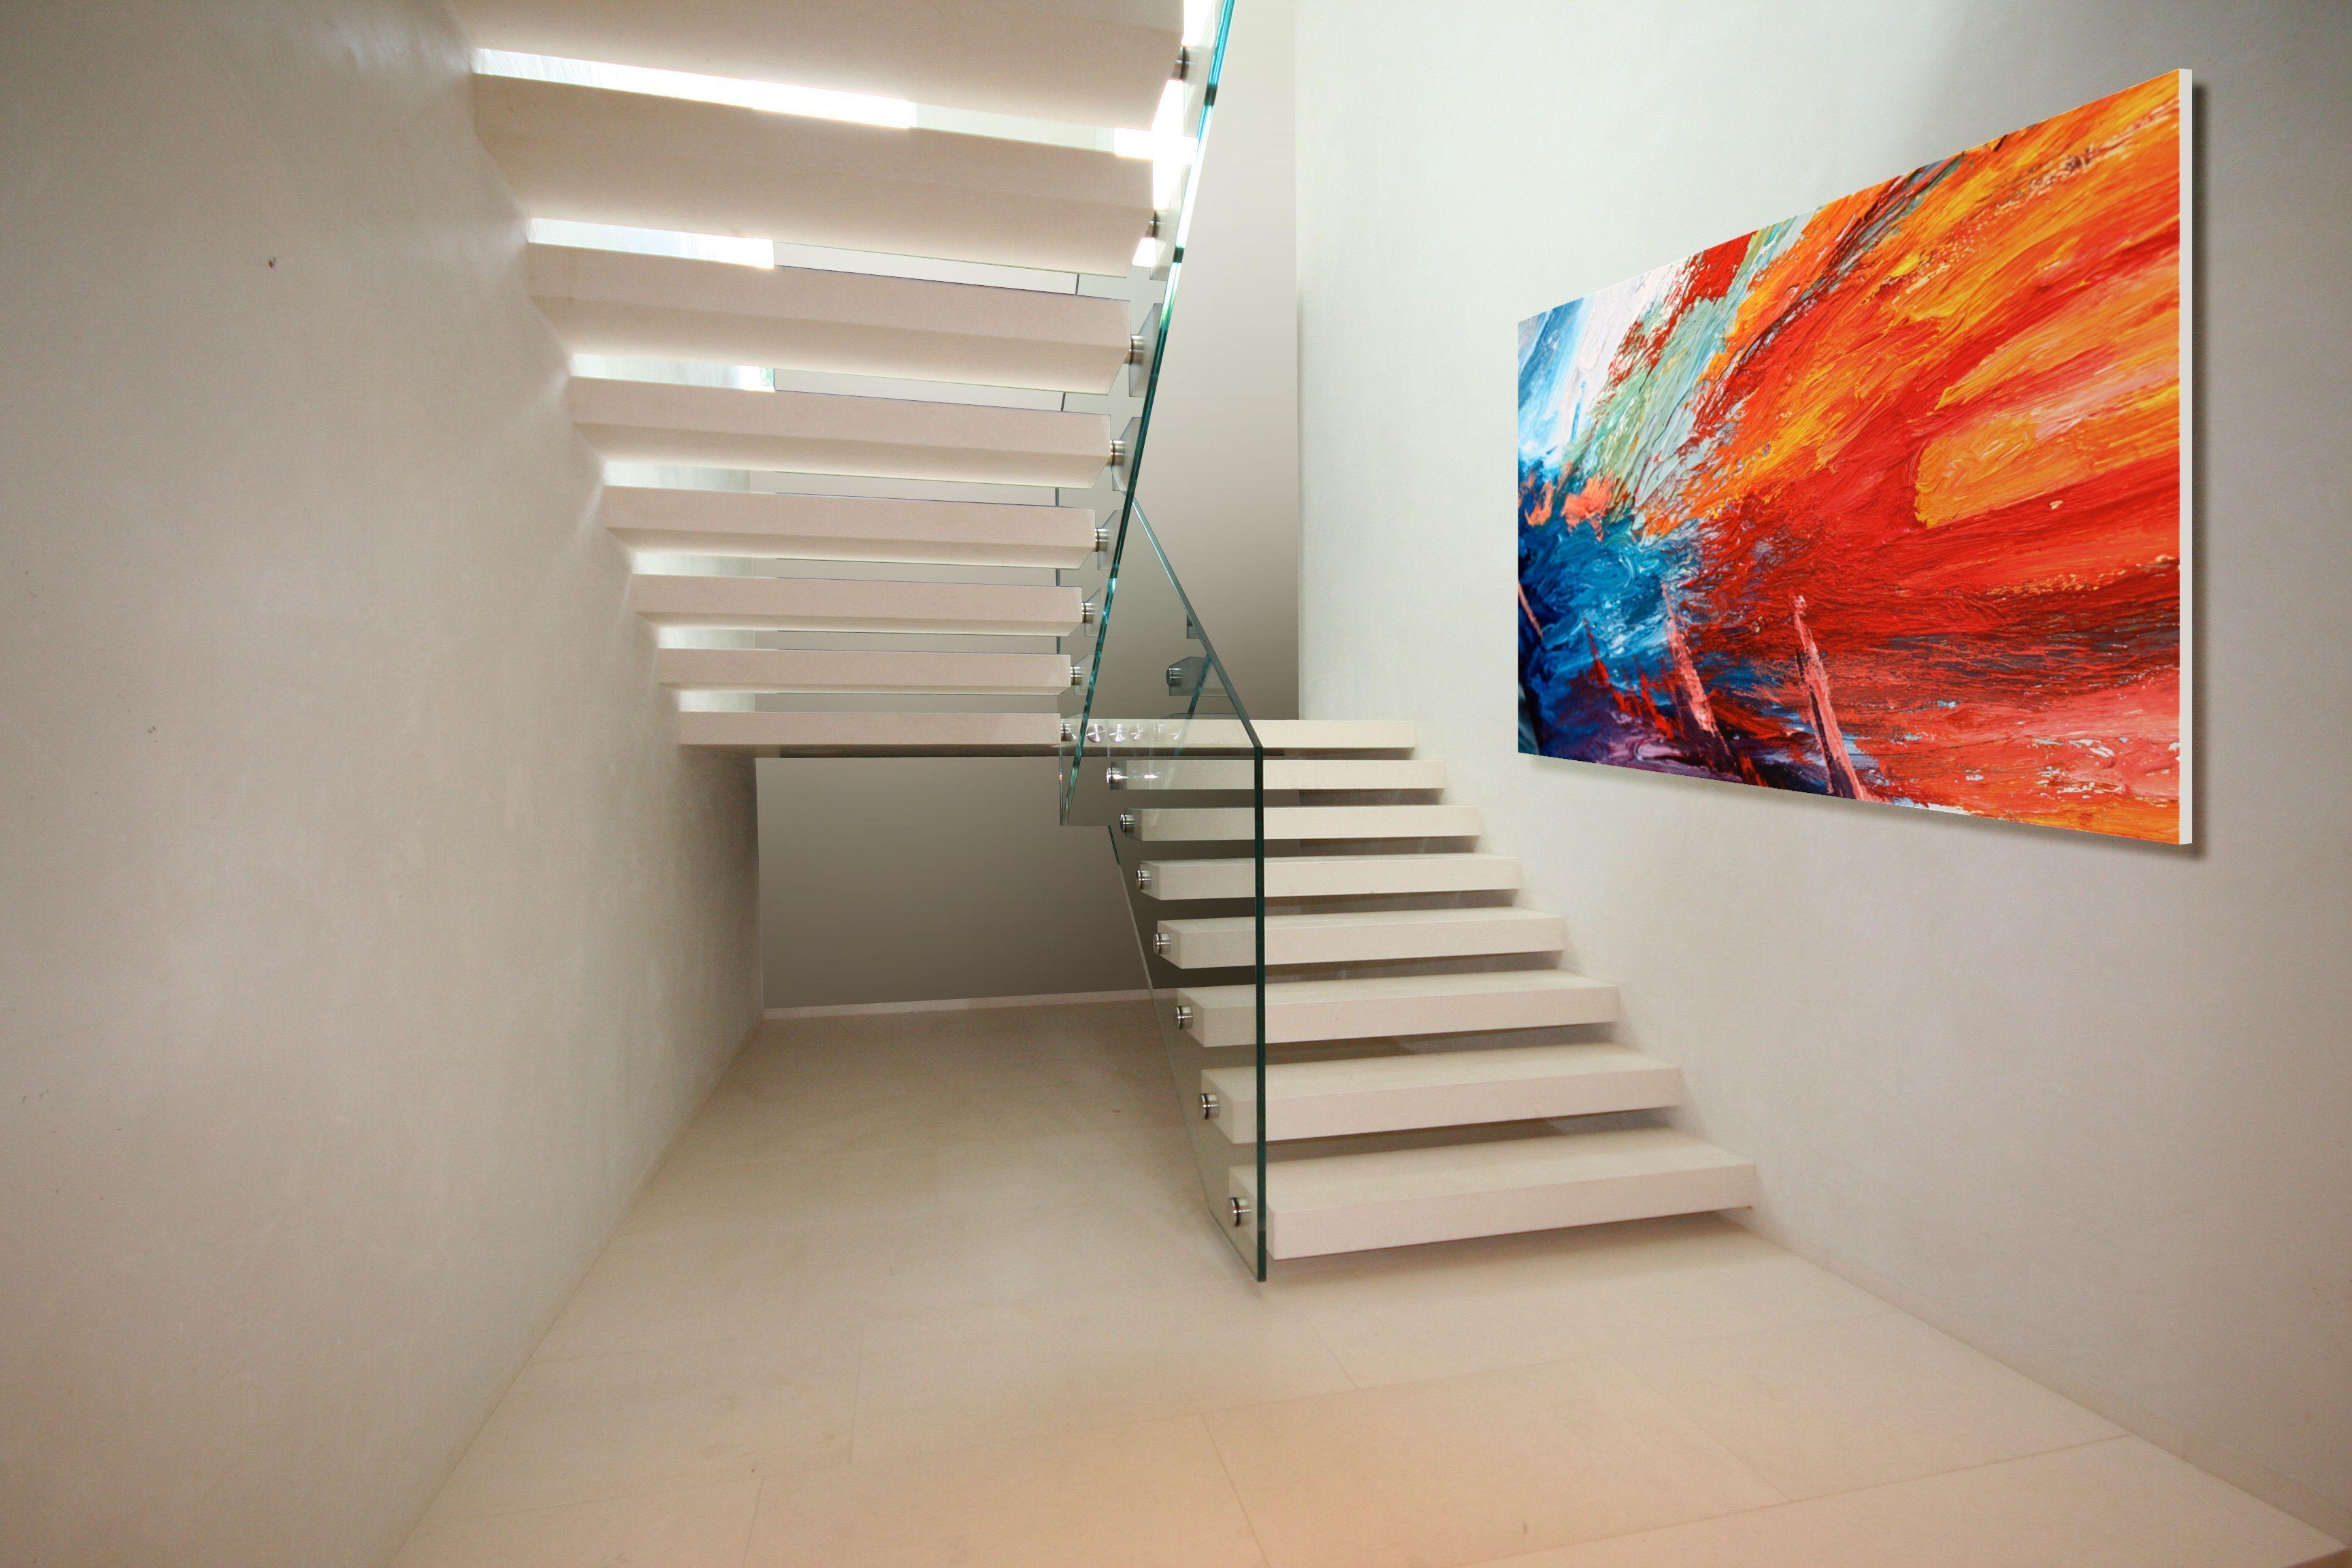 Genial Moderne Treppen Beste Wahl Kragarmtreppe Aus Corian Www.sillertreppenreview/kragarmtreppen-aus-corian/ Www